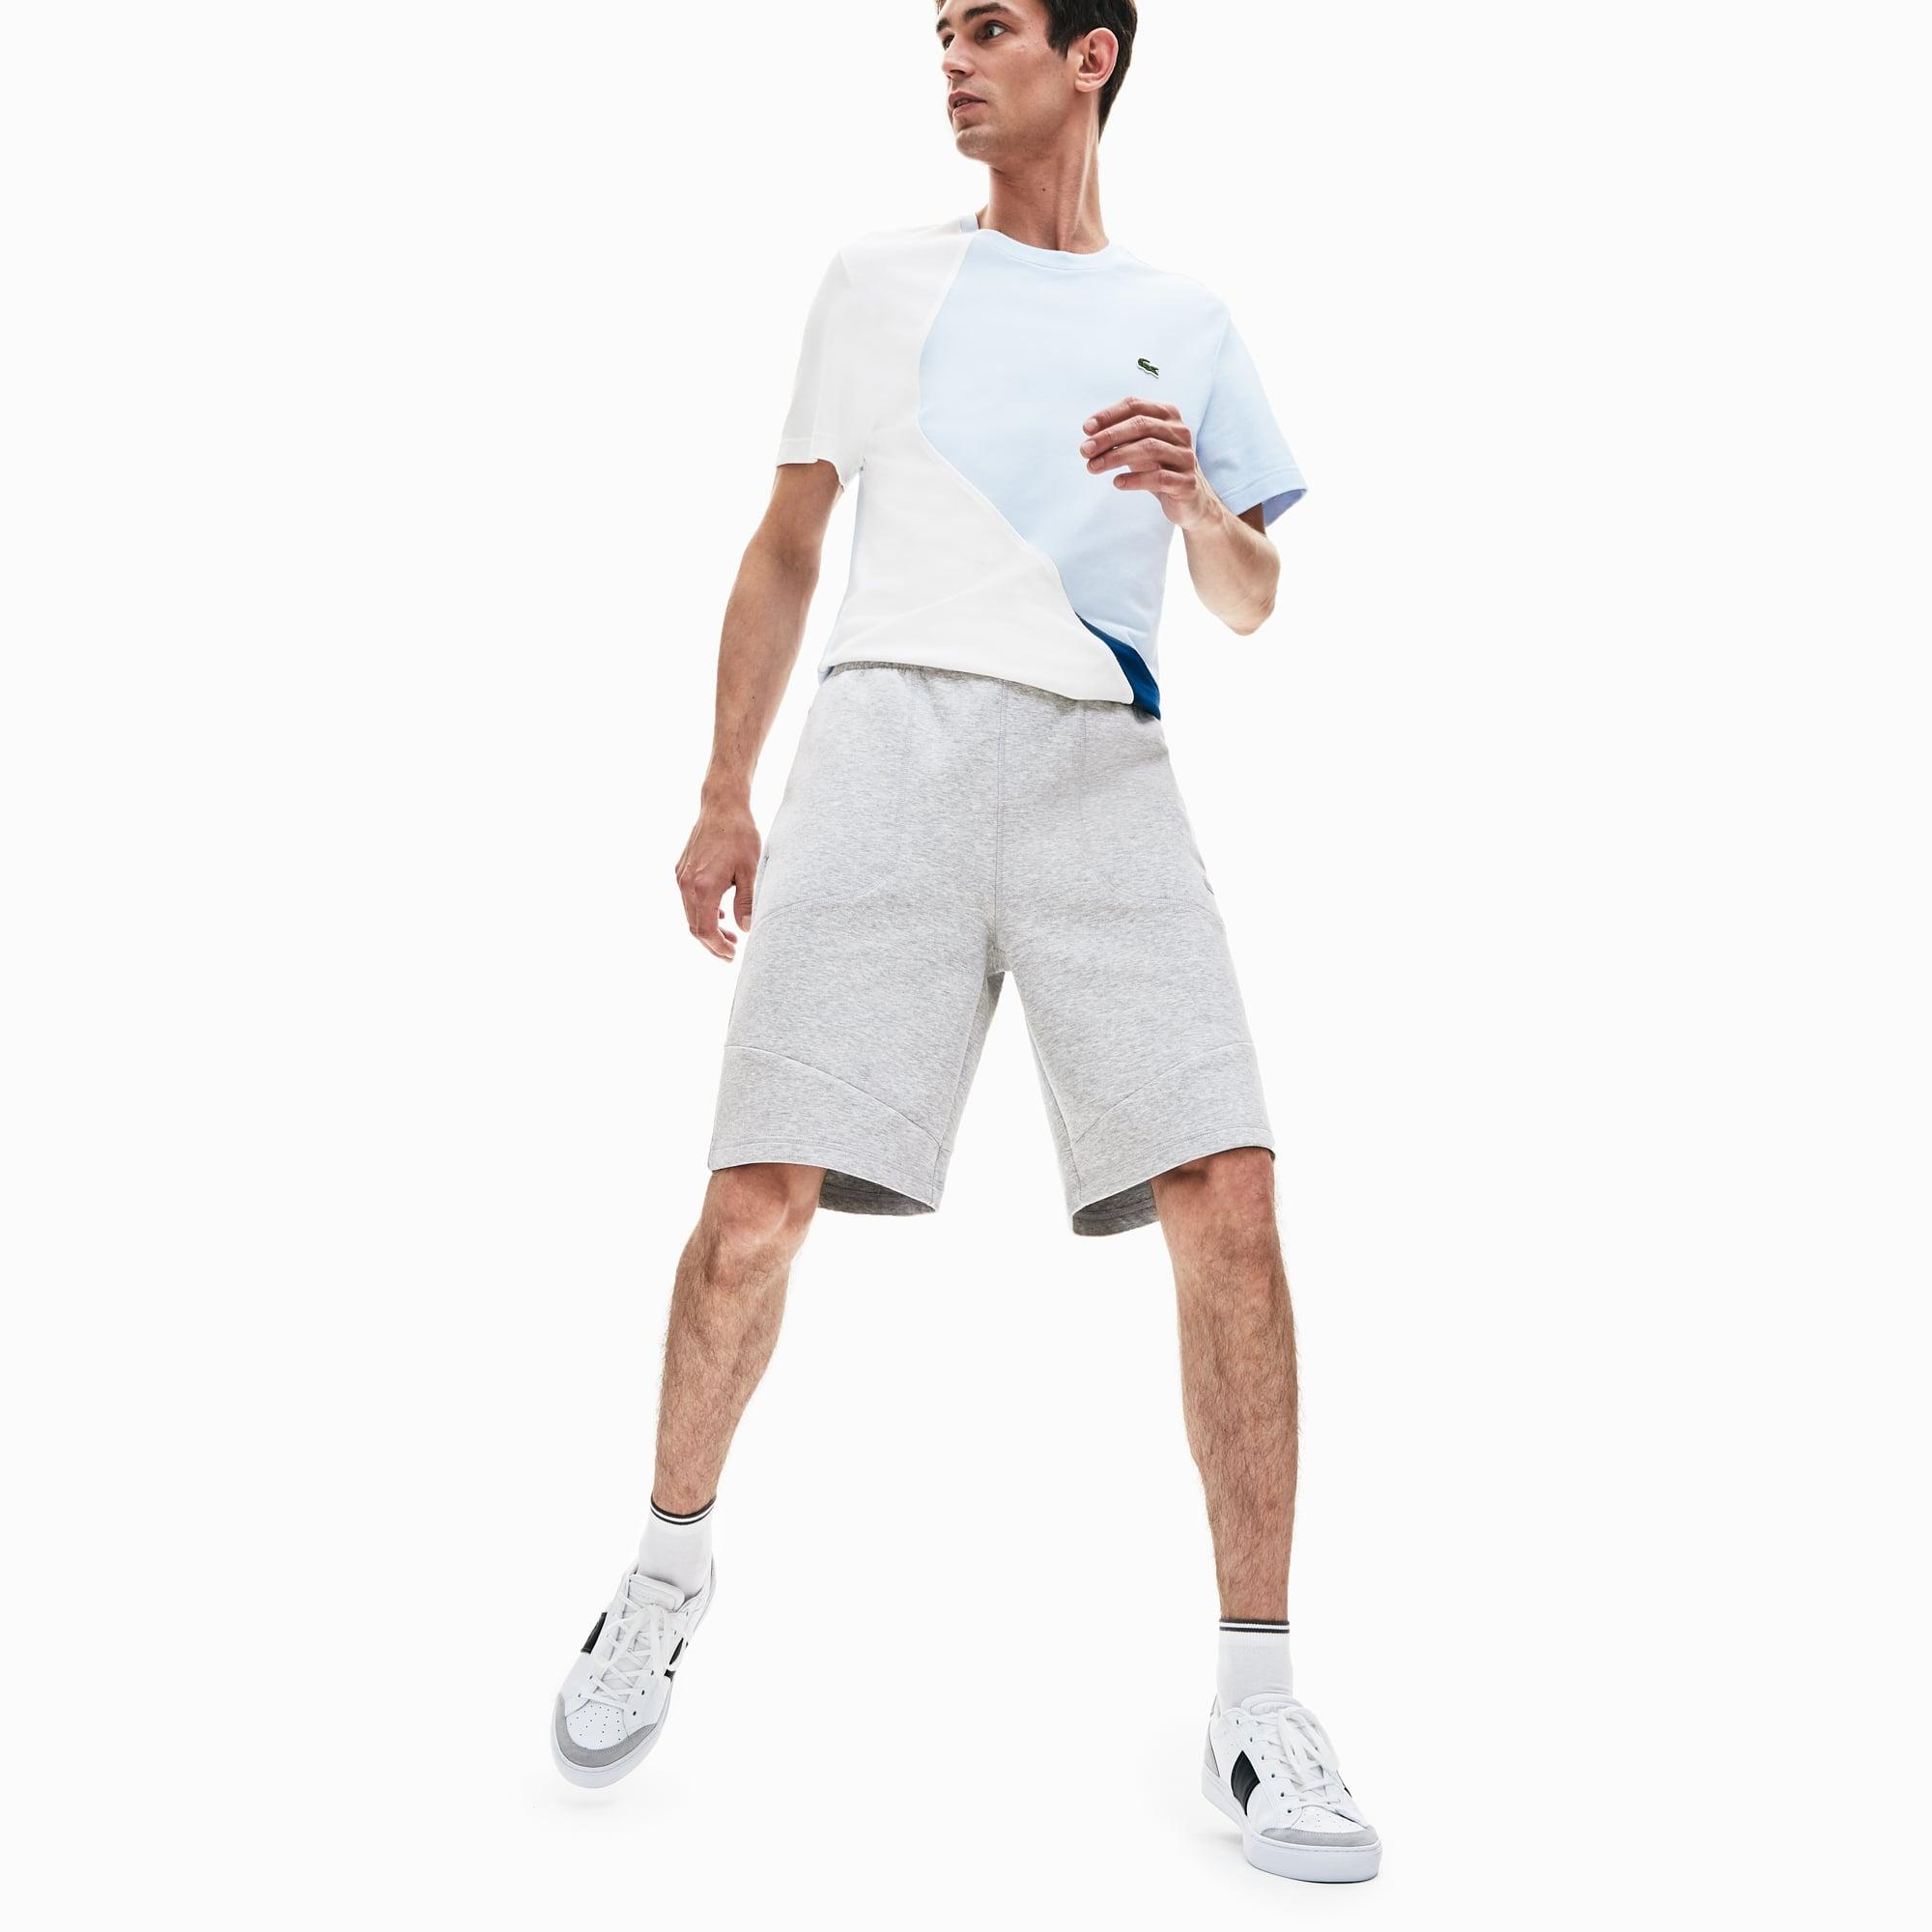 Lacoste Shorts Men's Motion Ergonomic Cotton-Blend Shorts